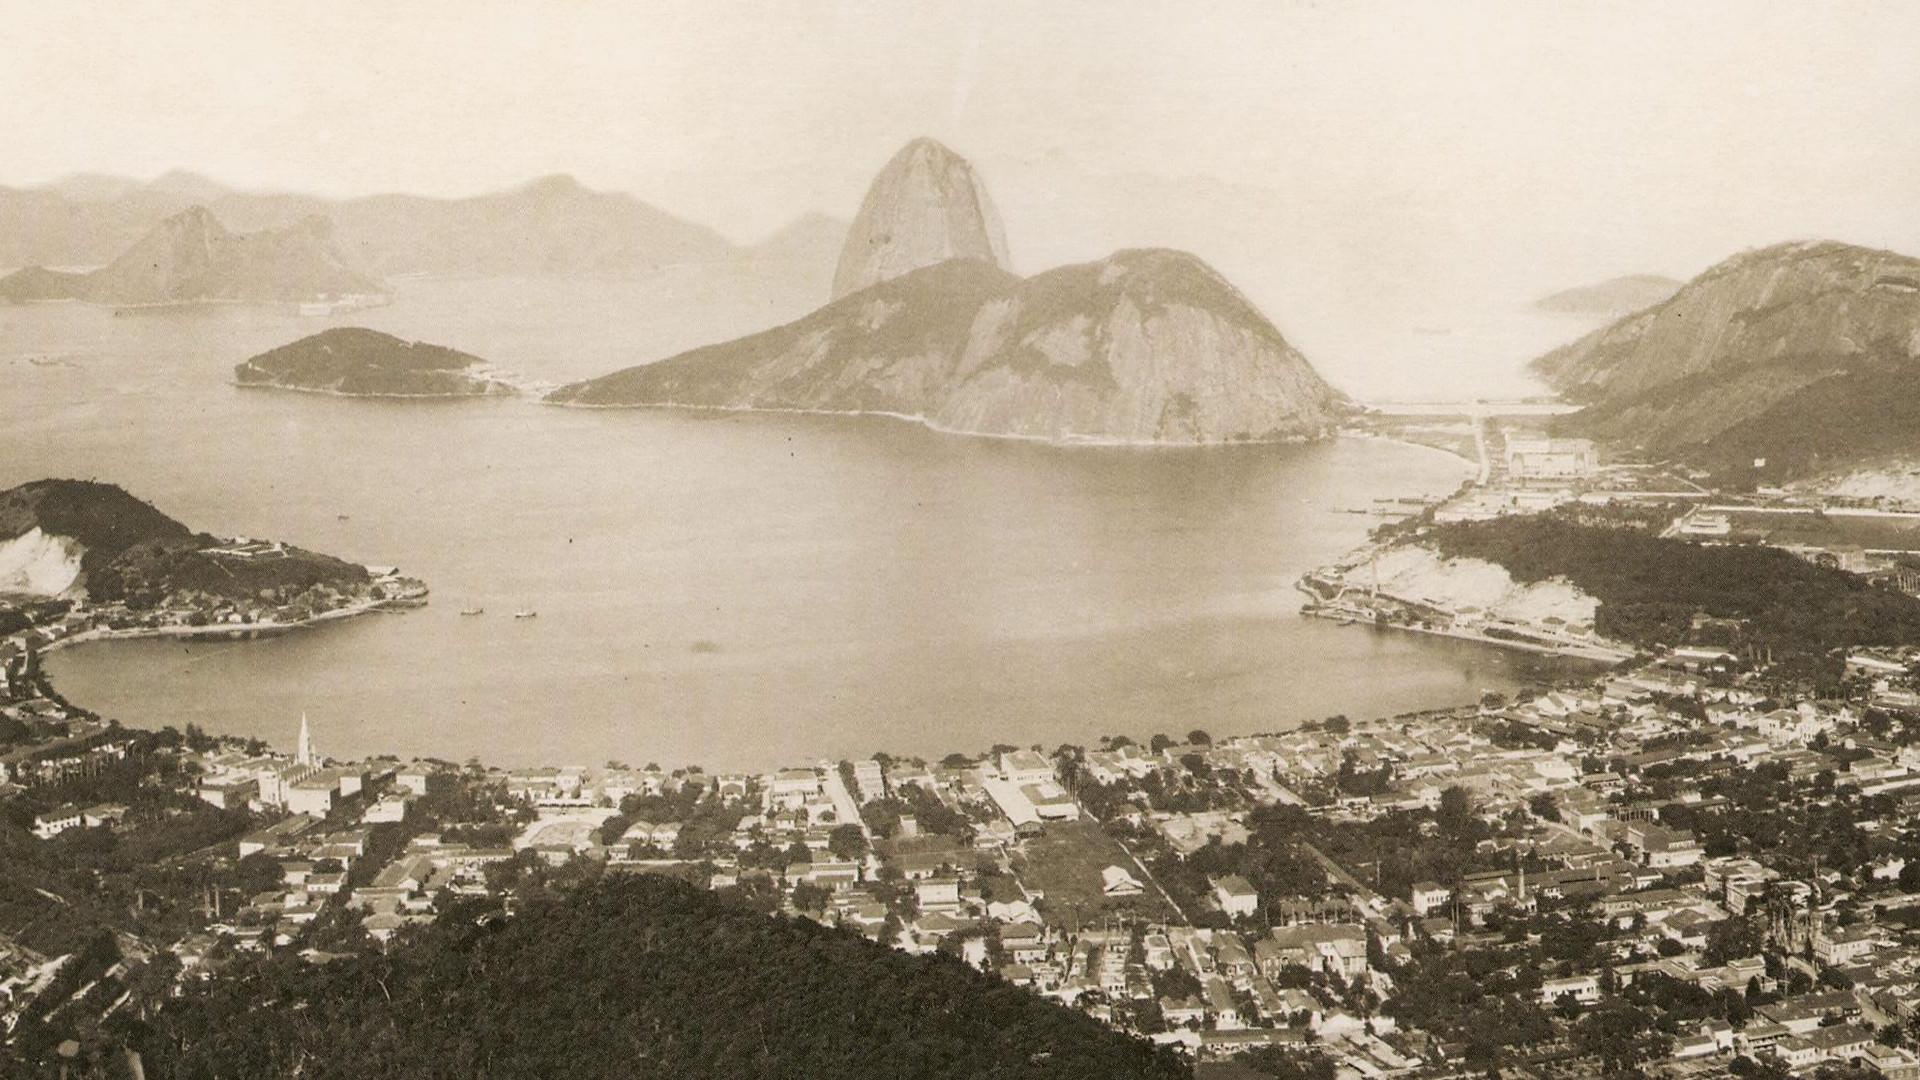 Em 1889 no Rio de Janeiro o II Congresso Brasileiro de Medicina e Cirurgia apresentou trabalhos sobre hipnose